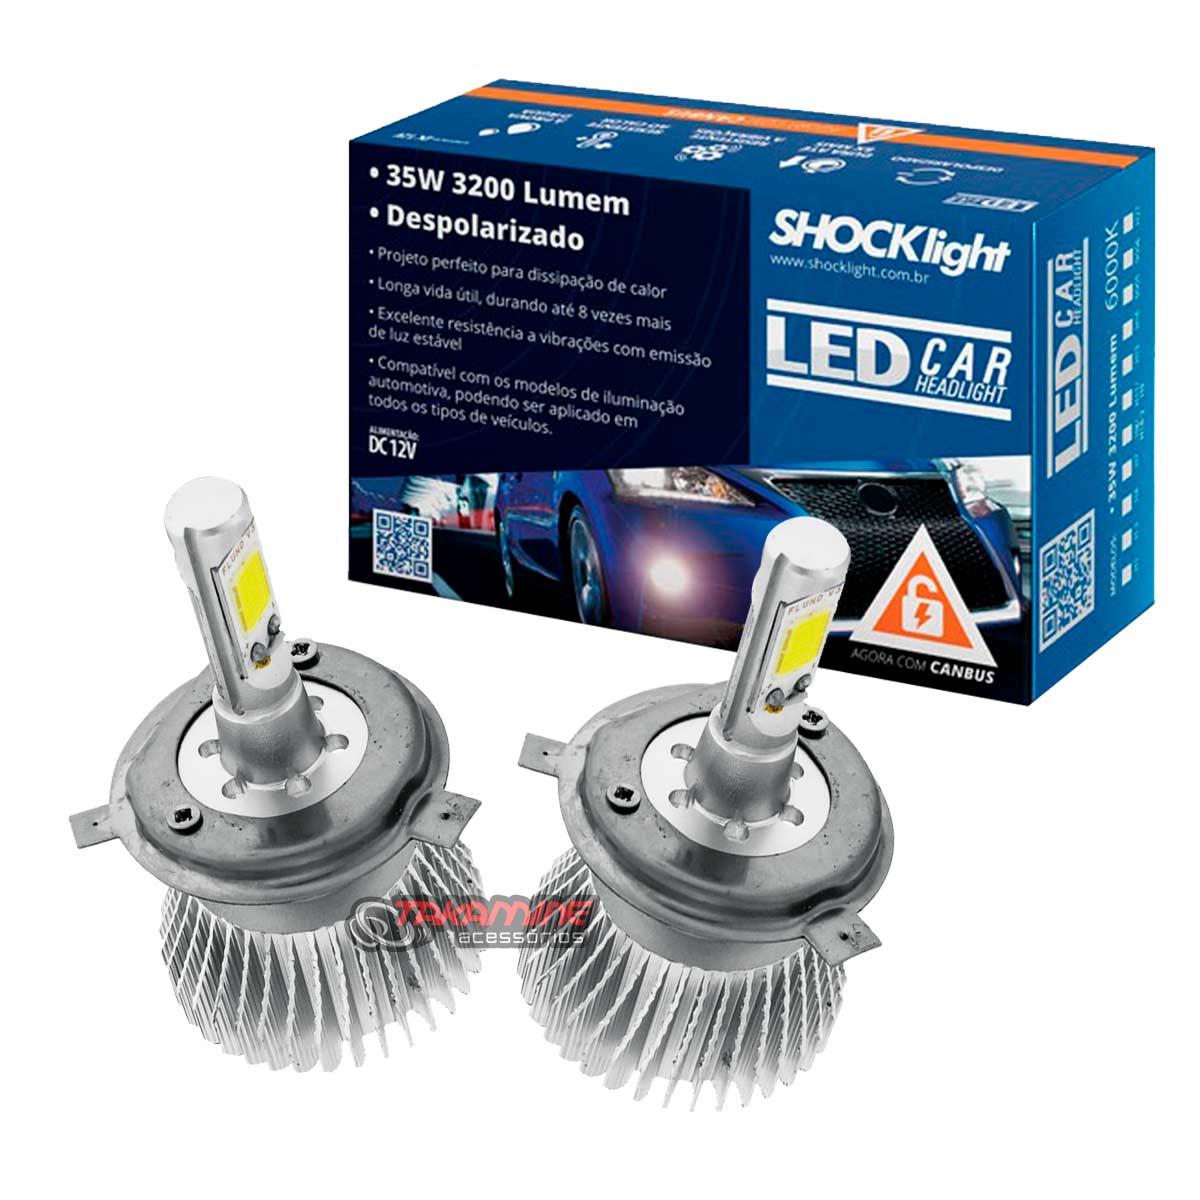 Kit LED Gol G7 2017 2018 2019 2020 tipo xenon farol alto e baixo H4 35W Headlight